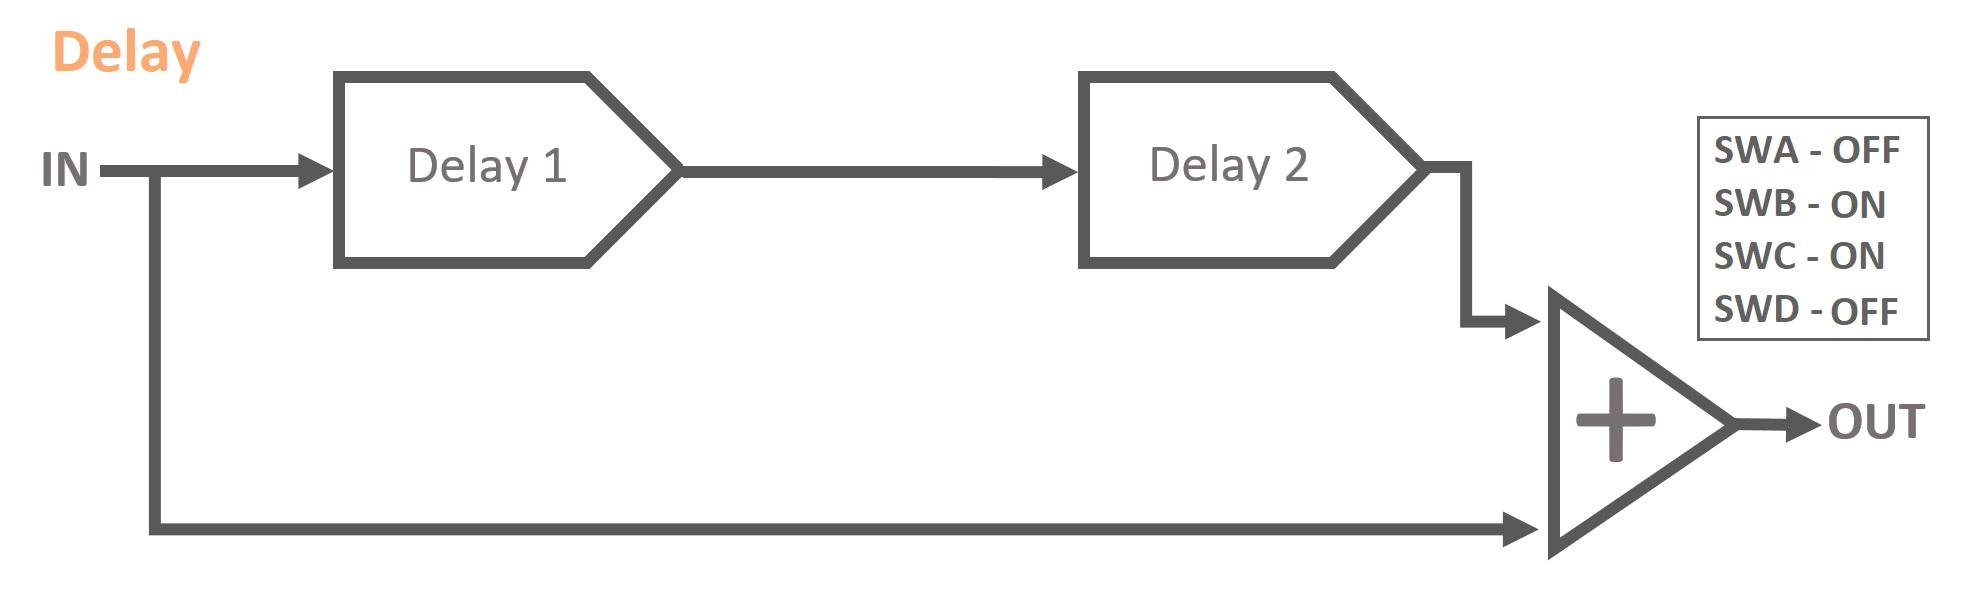 delay_2019-01-25.jpg